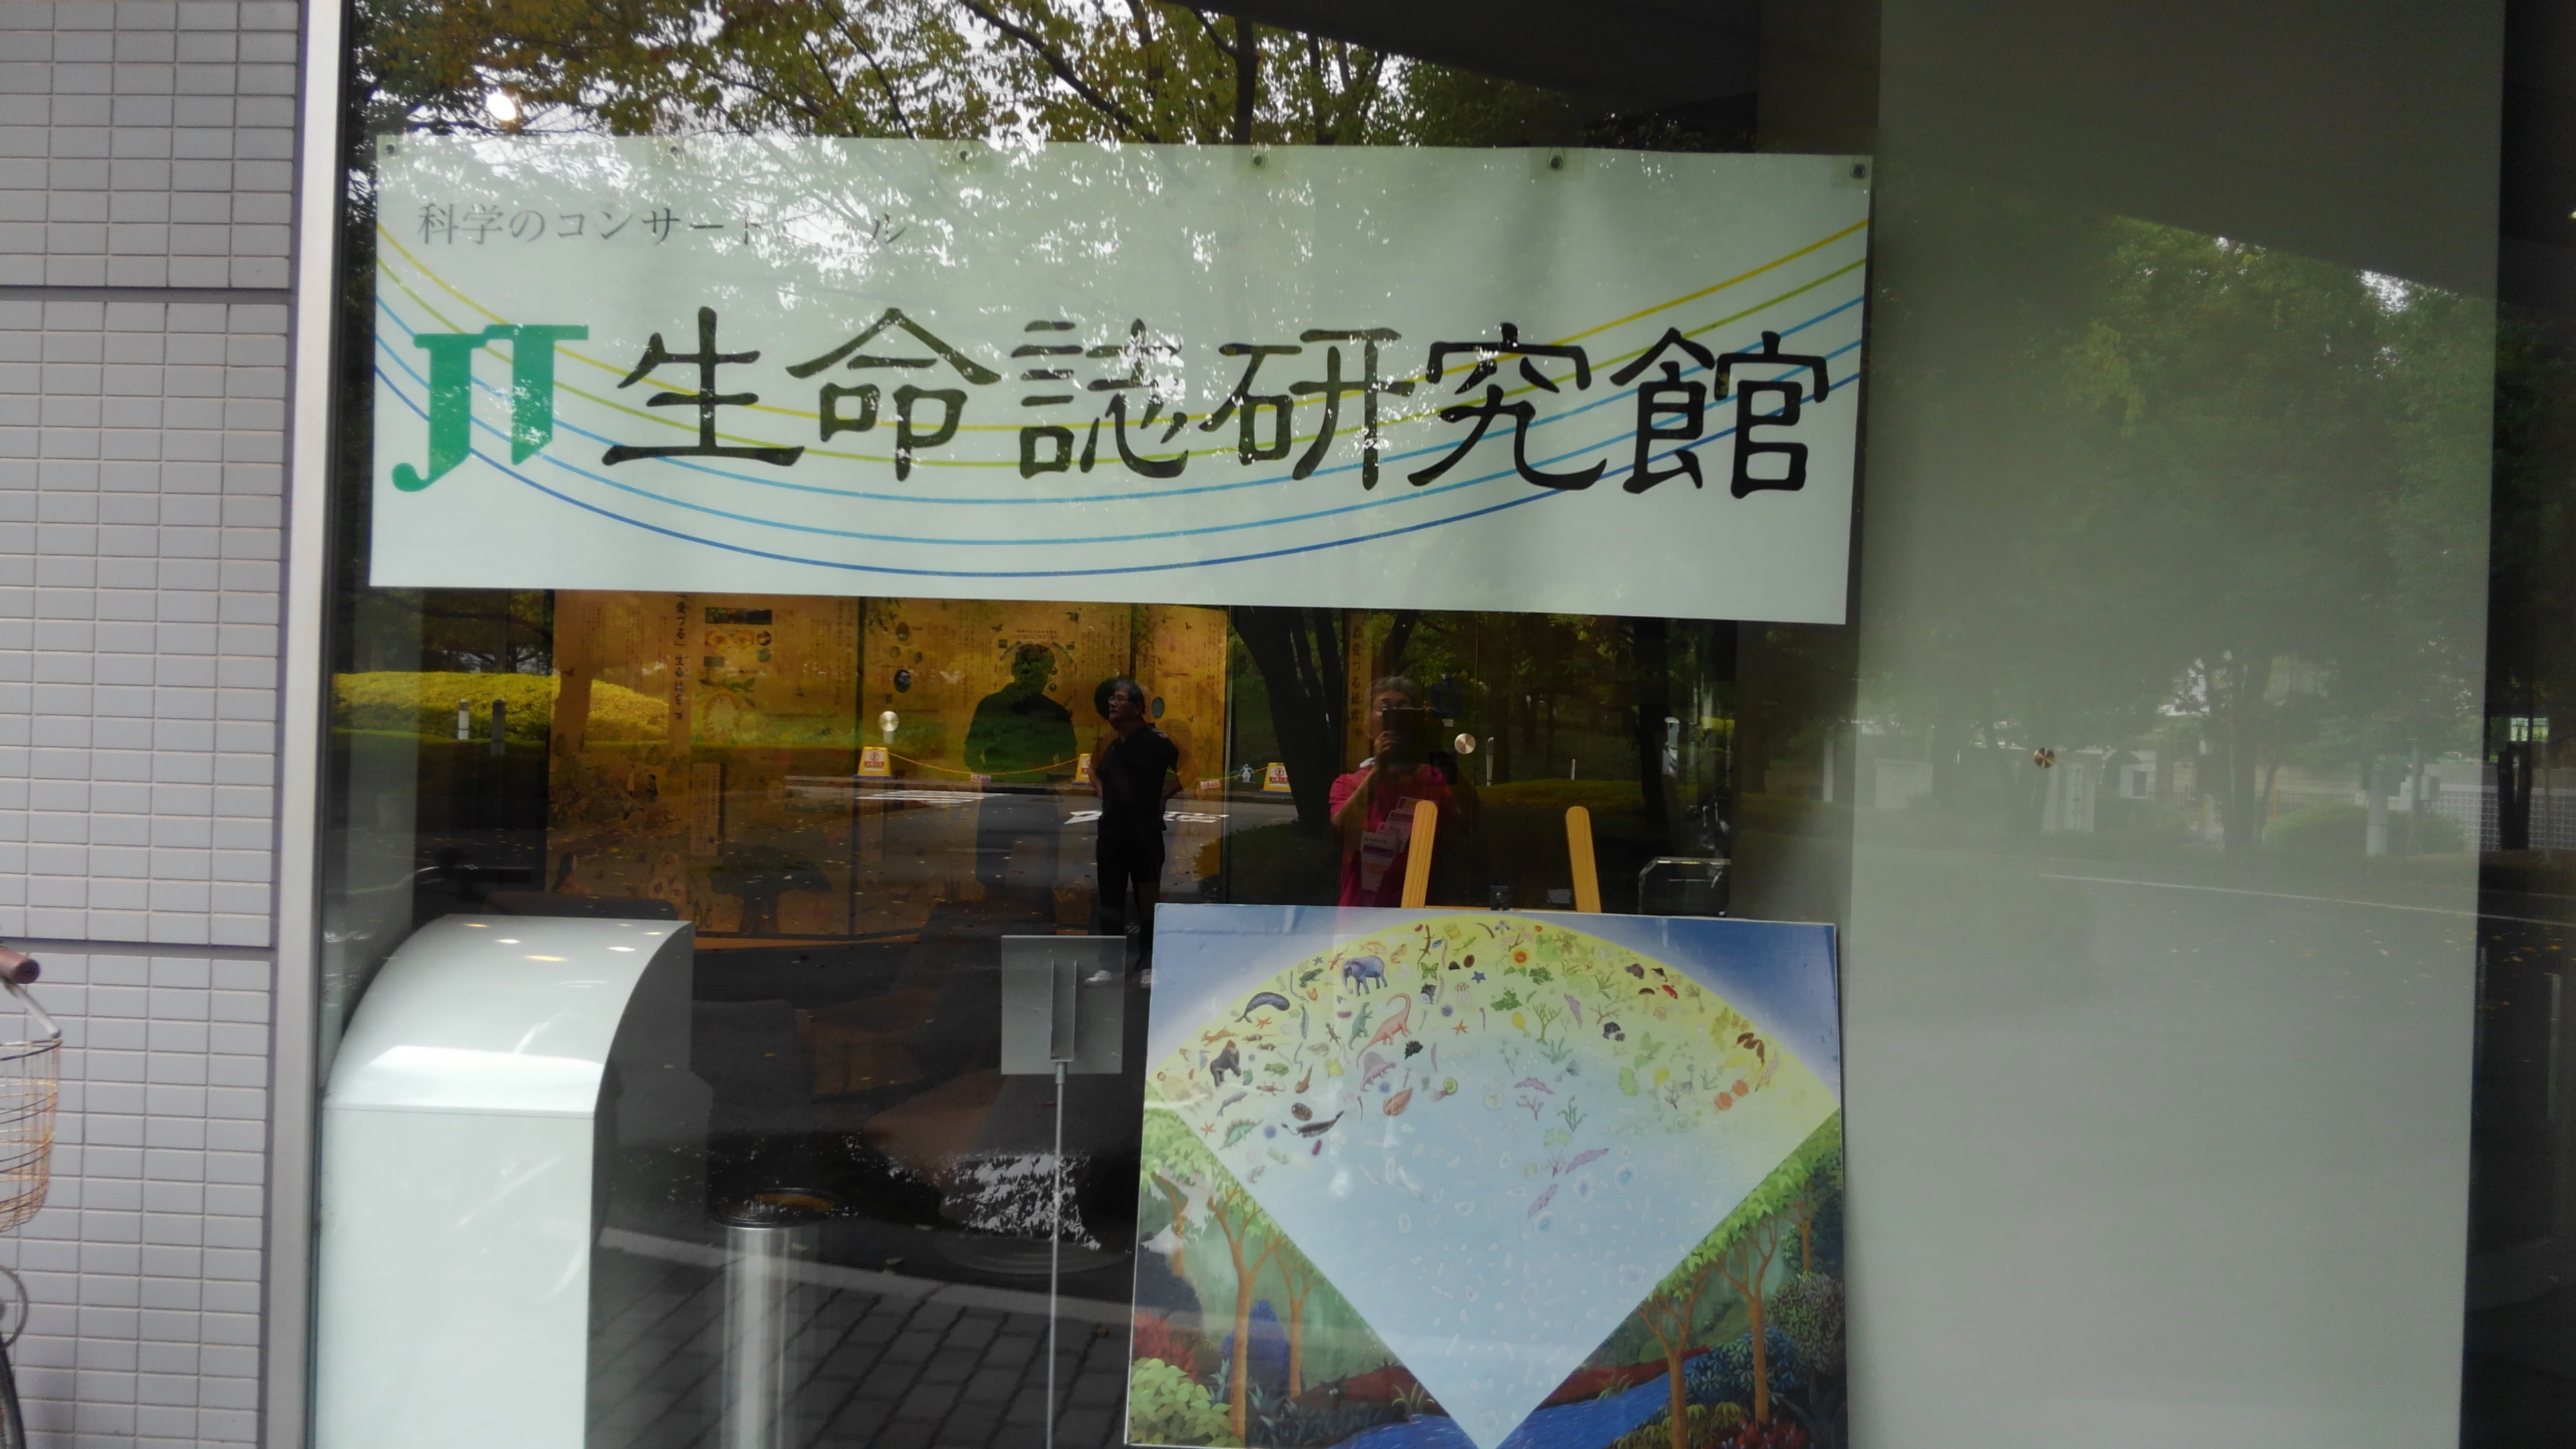 【JT 生命誌研究館】に行き感動しました‼